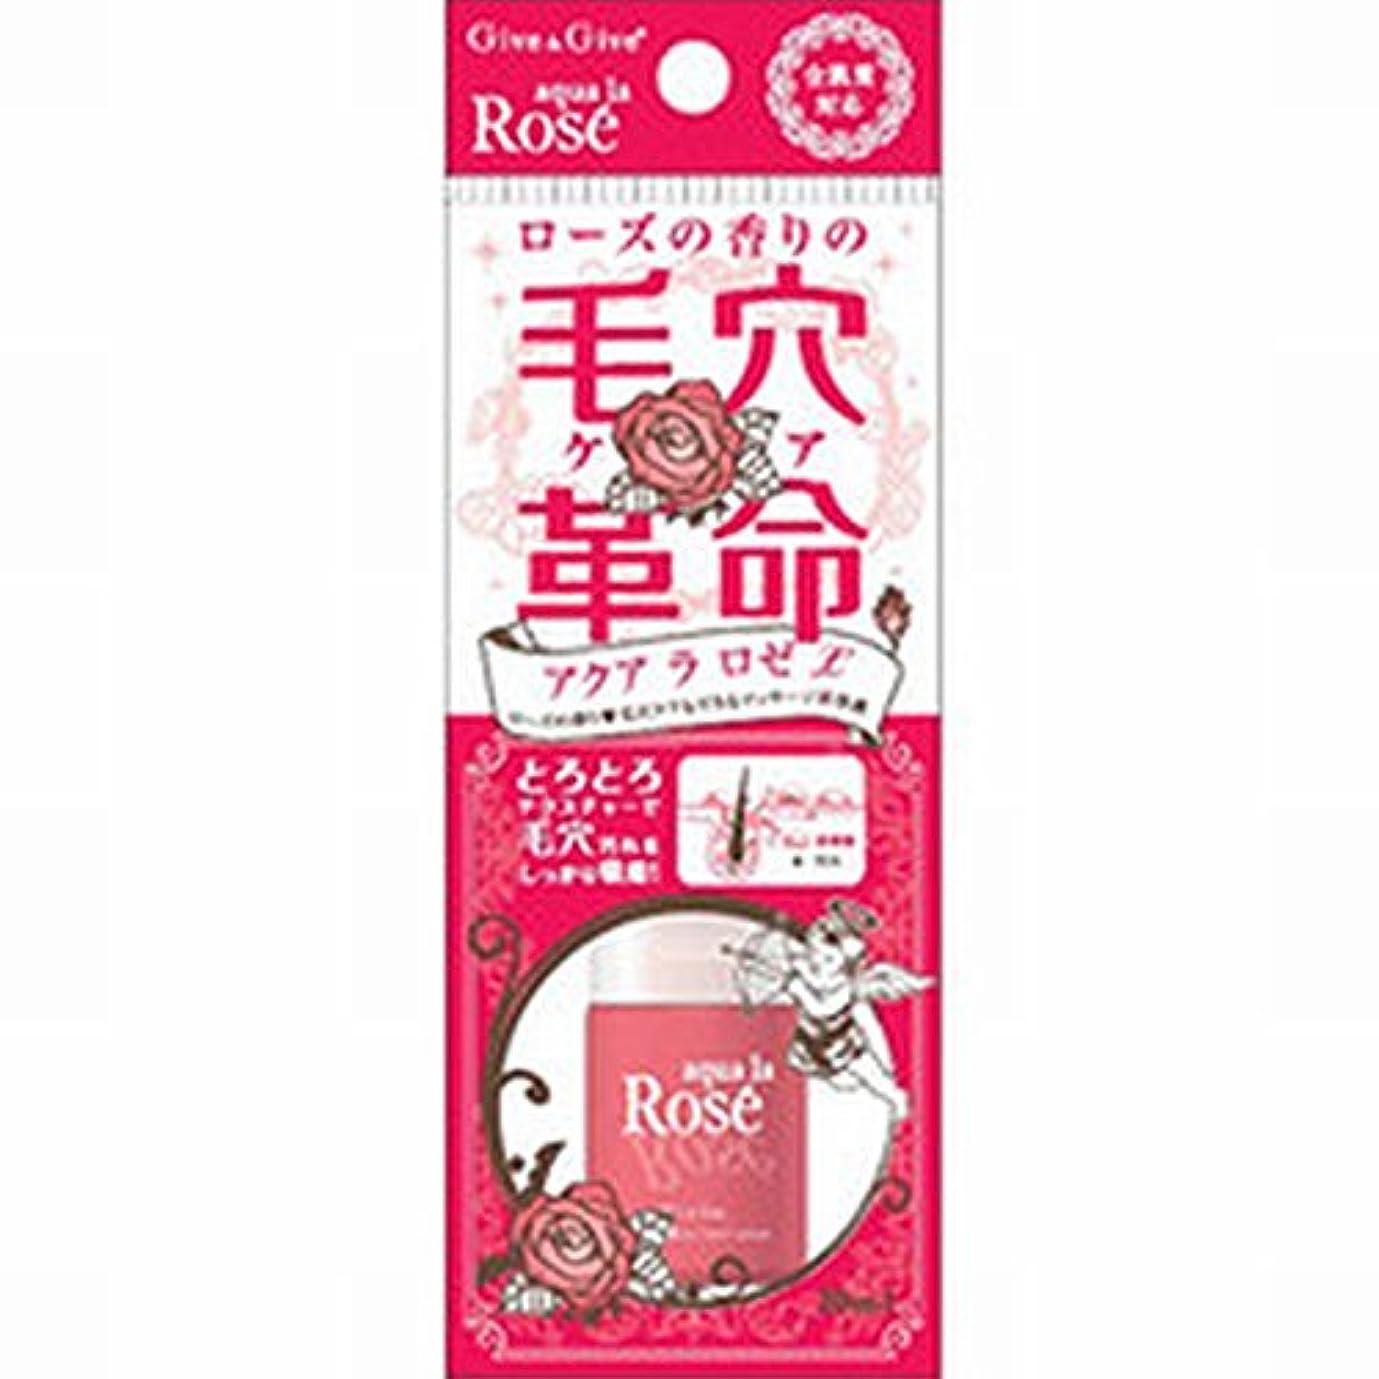 欠かせない許さない一毛穴革命 アクア ラ ロゼ L (お試しサイズ) ローズの香り 10ml